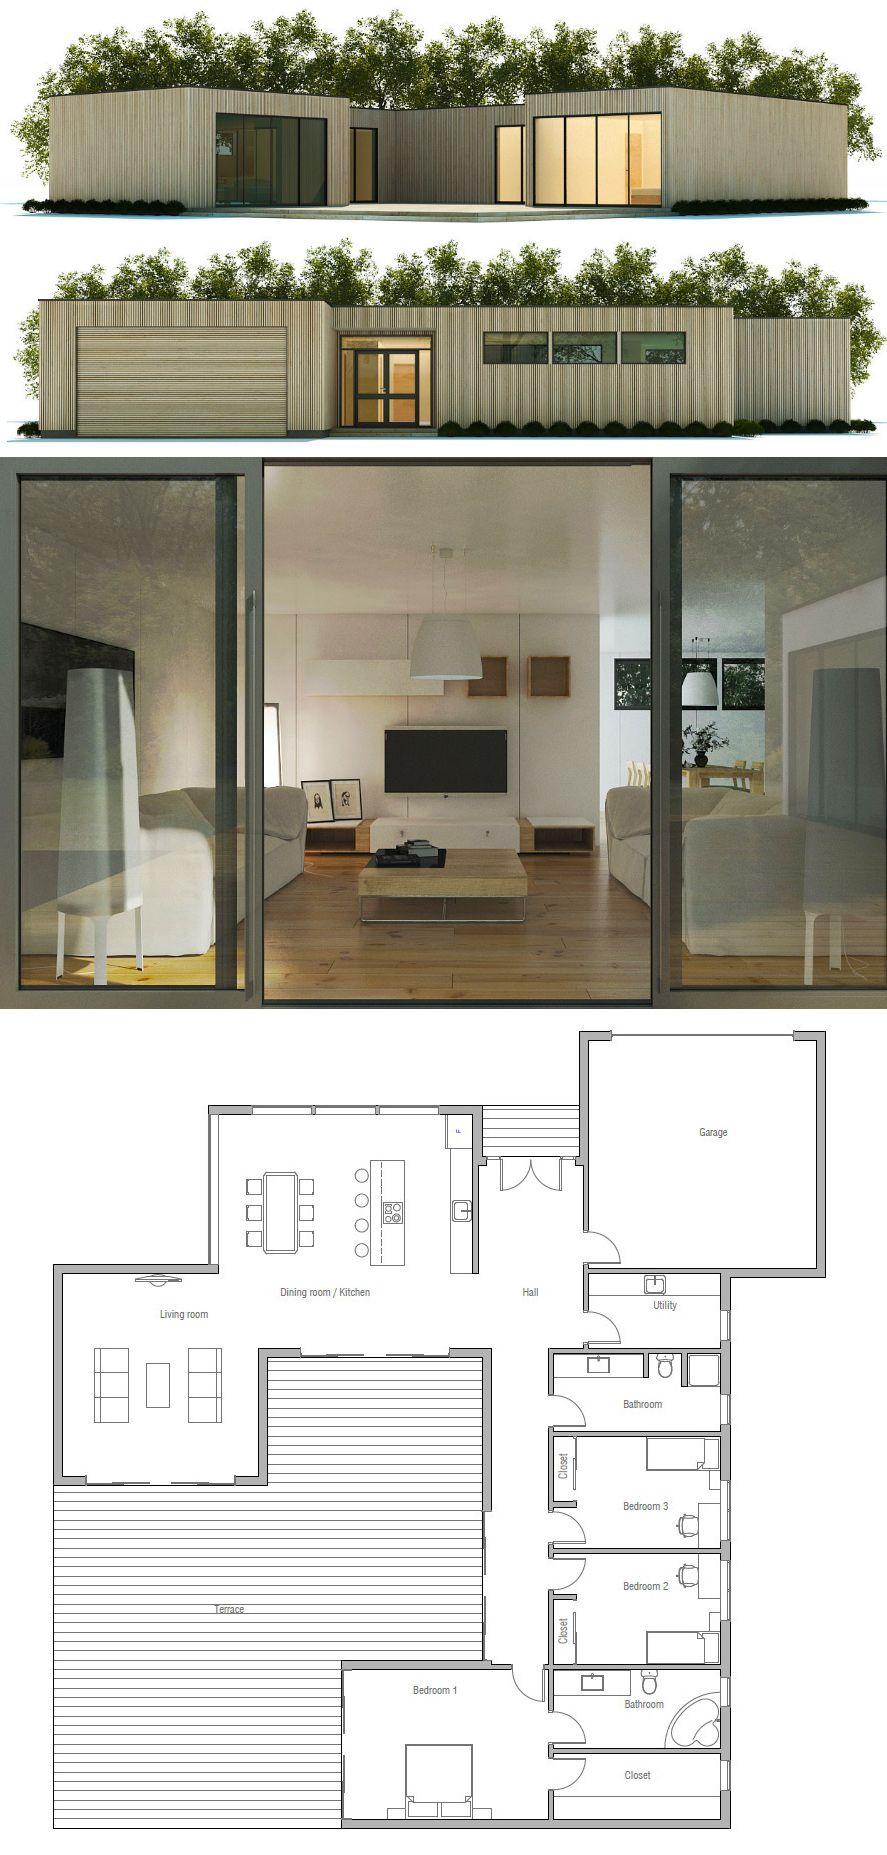 Beach house plans casa moderna also proyectos que intentar pinterest modern rh in